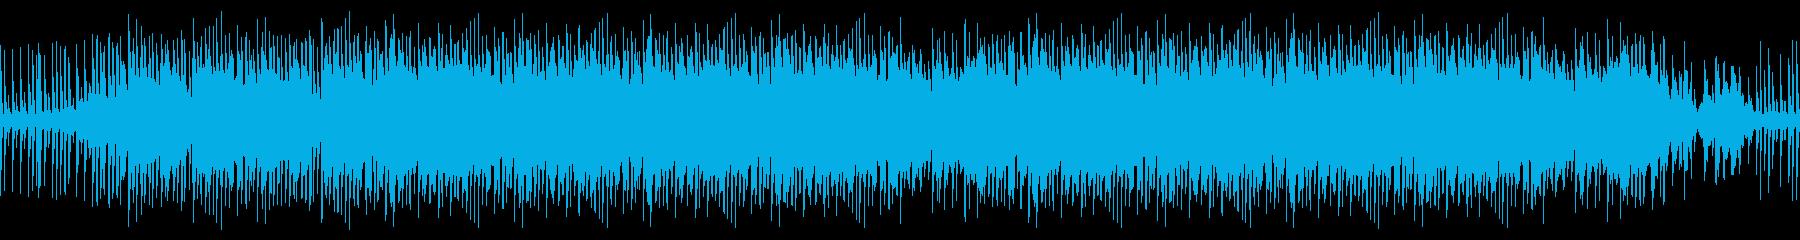 レイドバックしたループBGM、夏の再生済みの波形